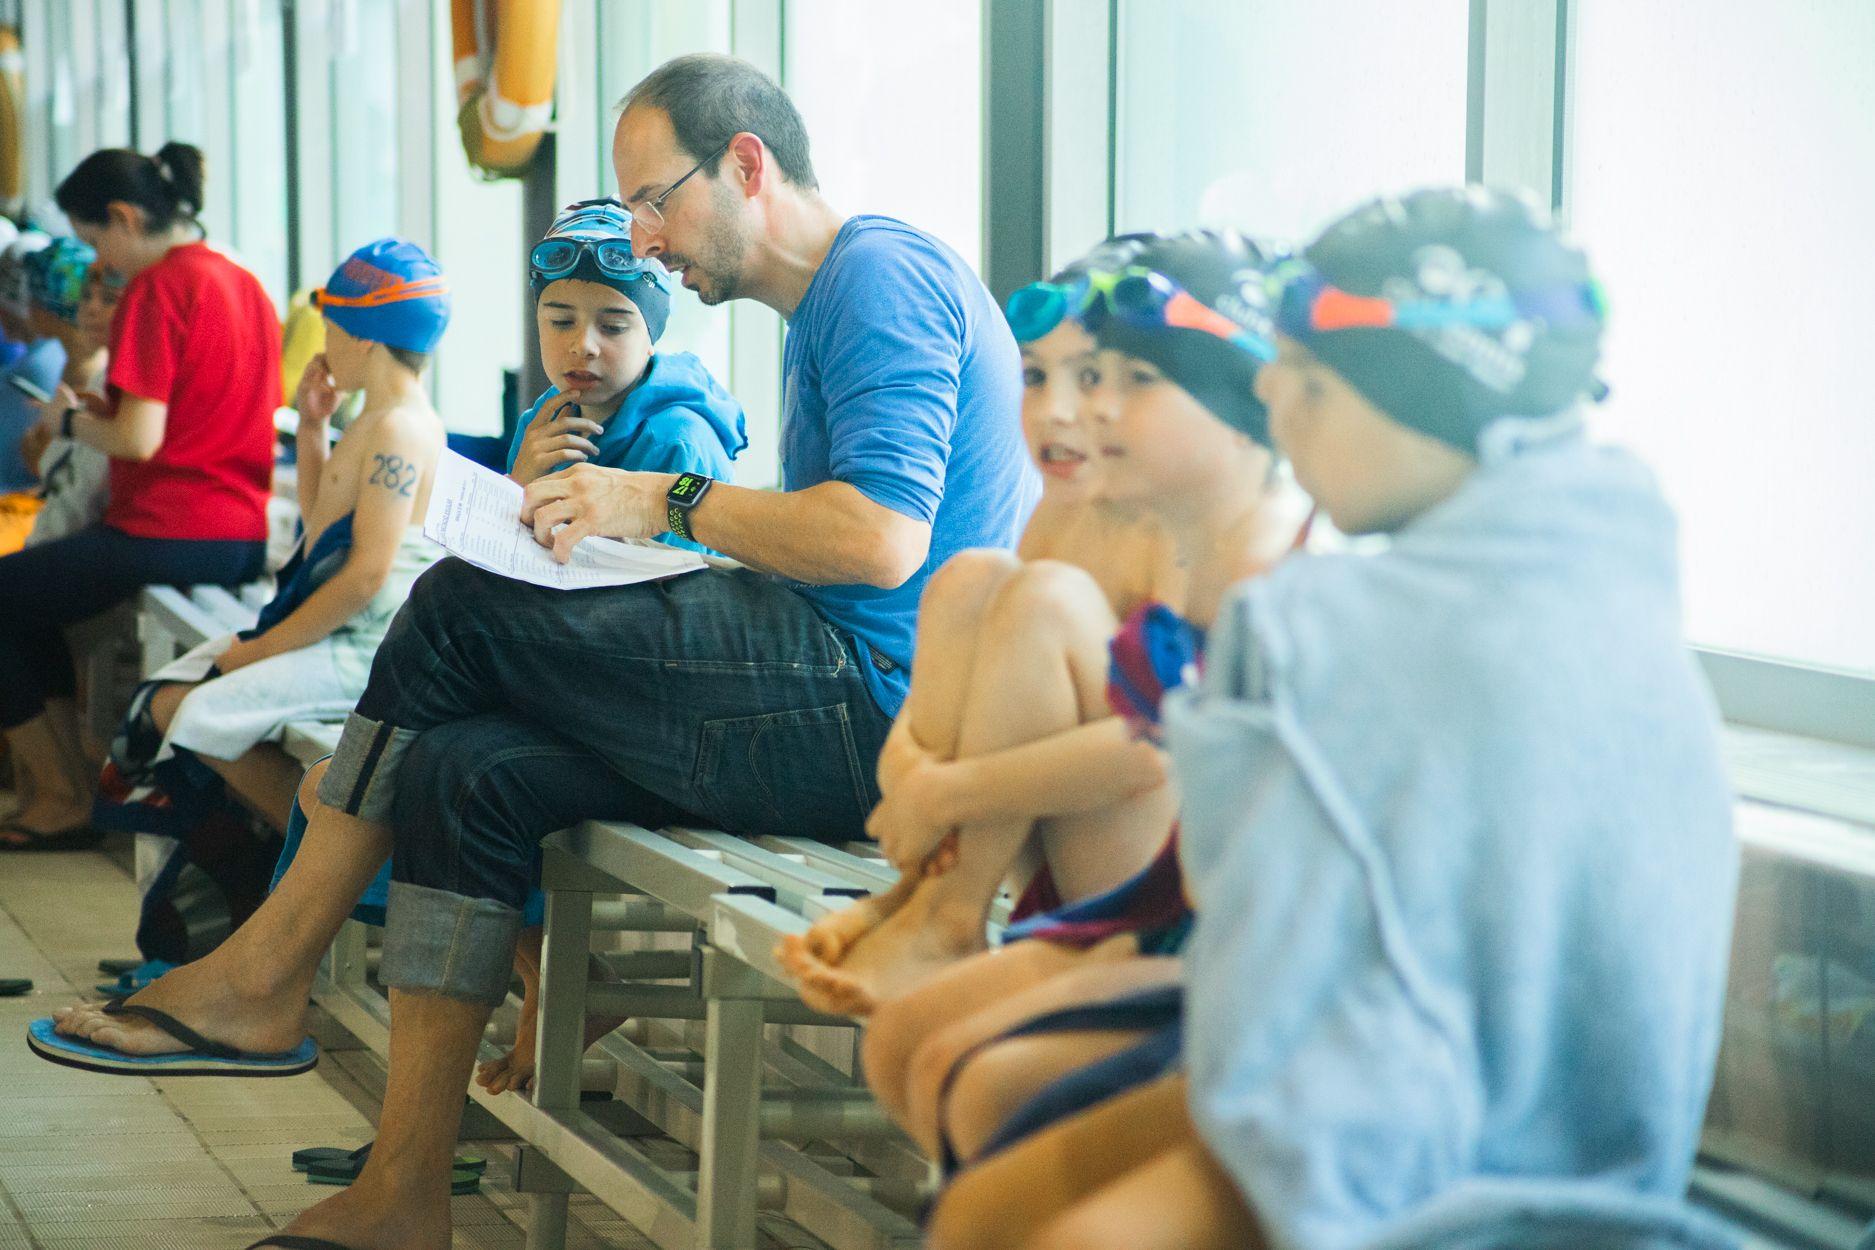 Campionat Natació Escolar. Foto: Adrián Gómez